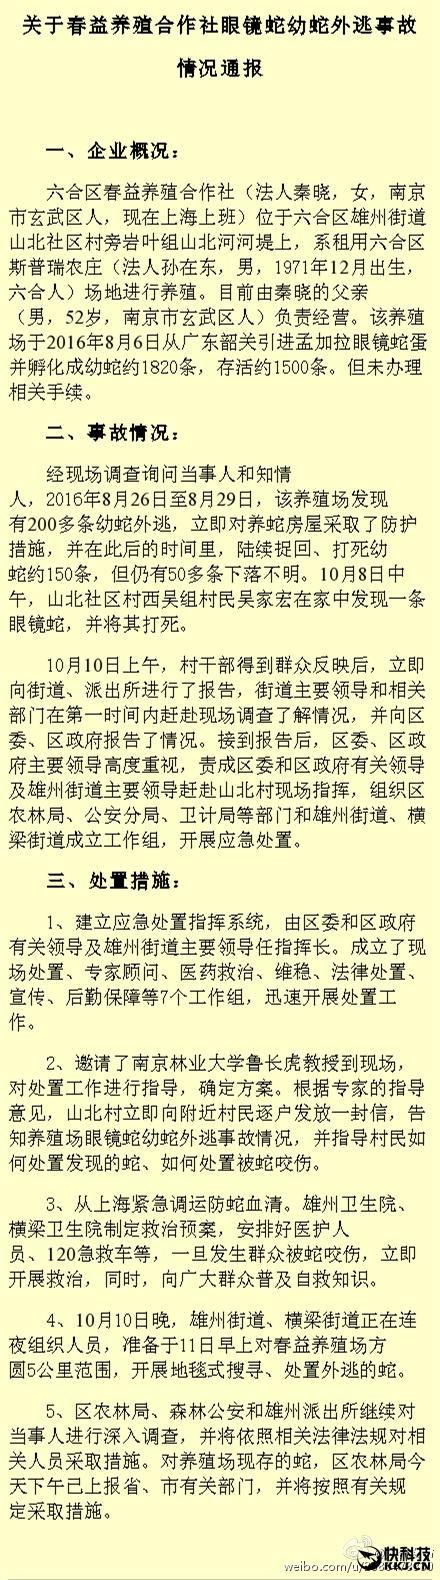 南京眼镜蛇外逃:50多条下落不明